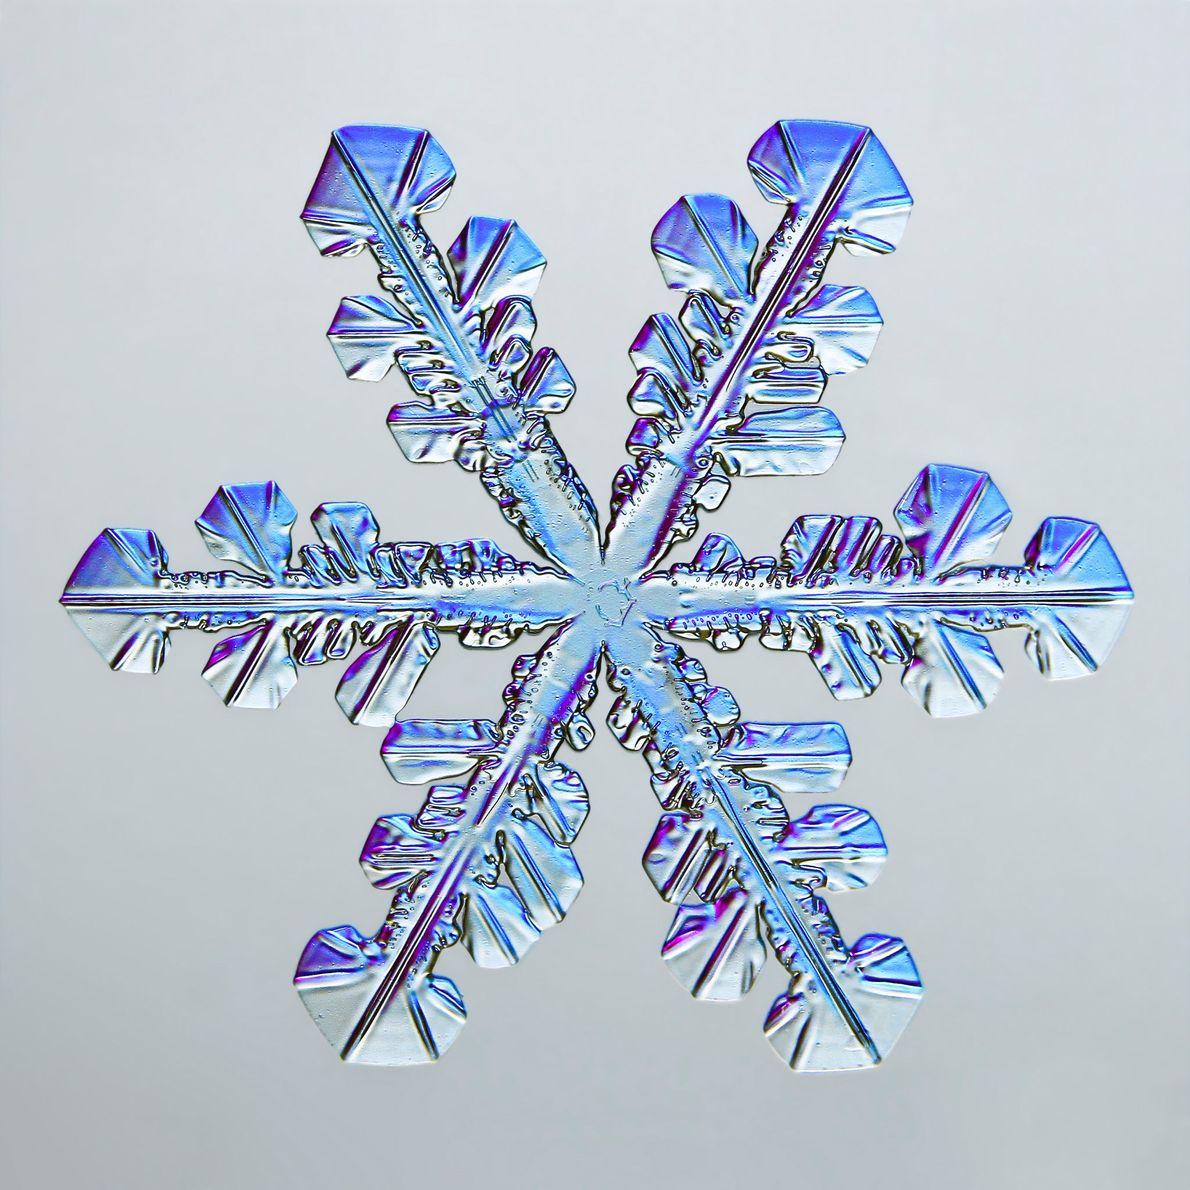 Les nombreuses facettes hexagonales de ce flocon de neige scintillent d'un mélange de mauve et de ...